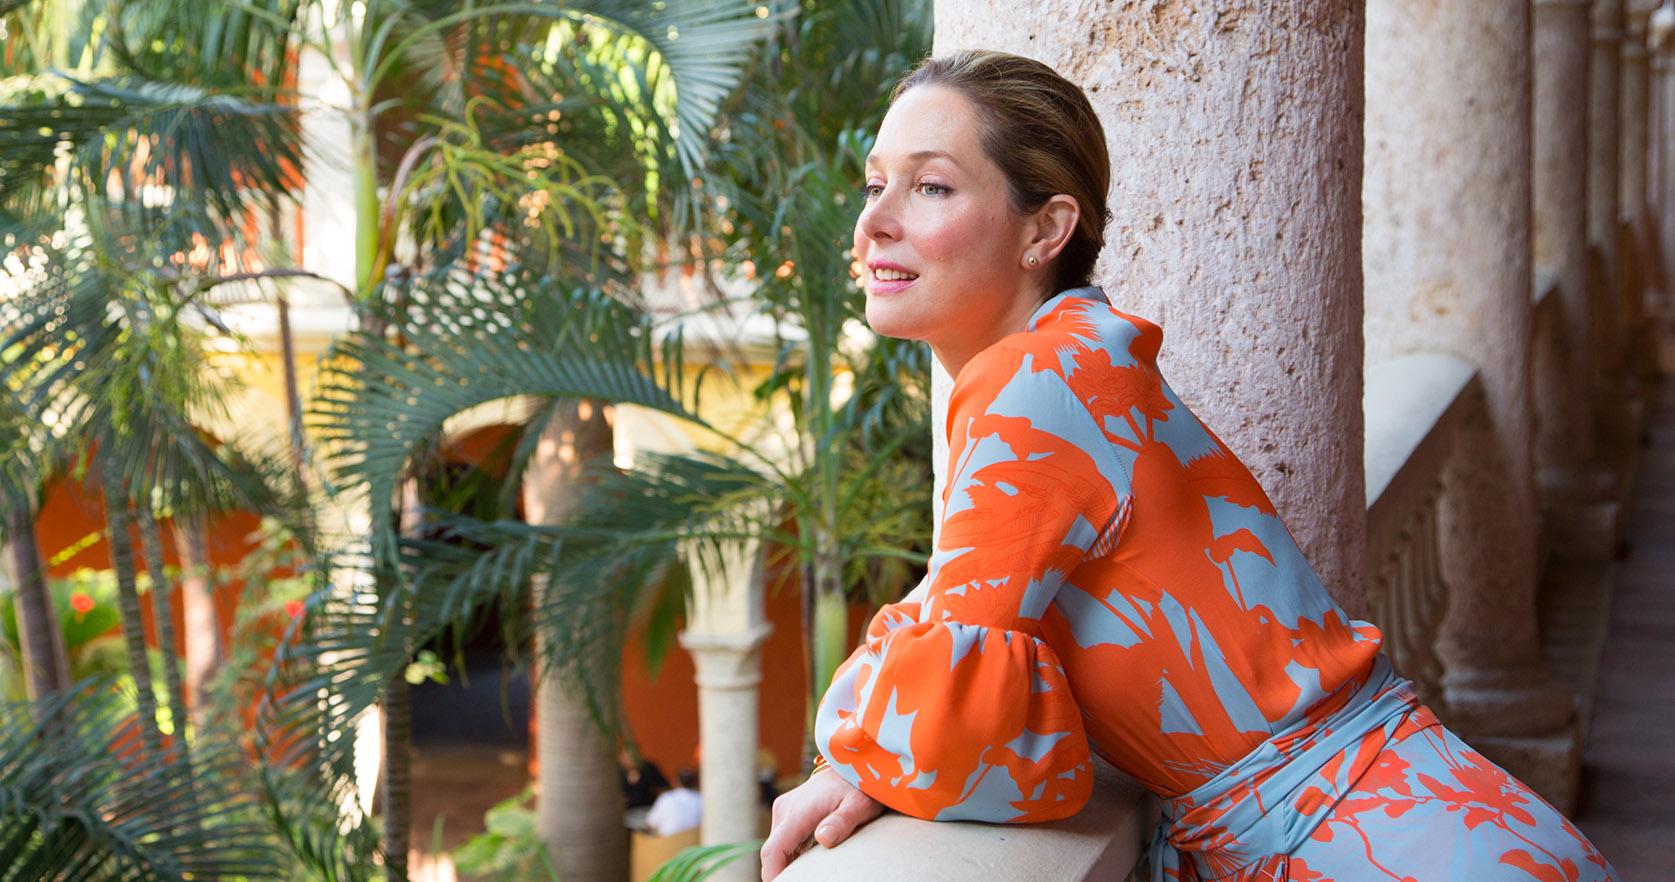 International Women's Day - Women Empowerment - Inspiring Female Entrepreneurs in Beauty - Tata Harper